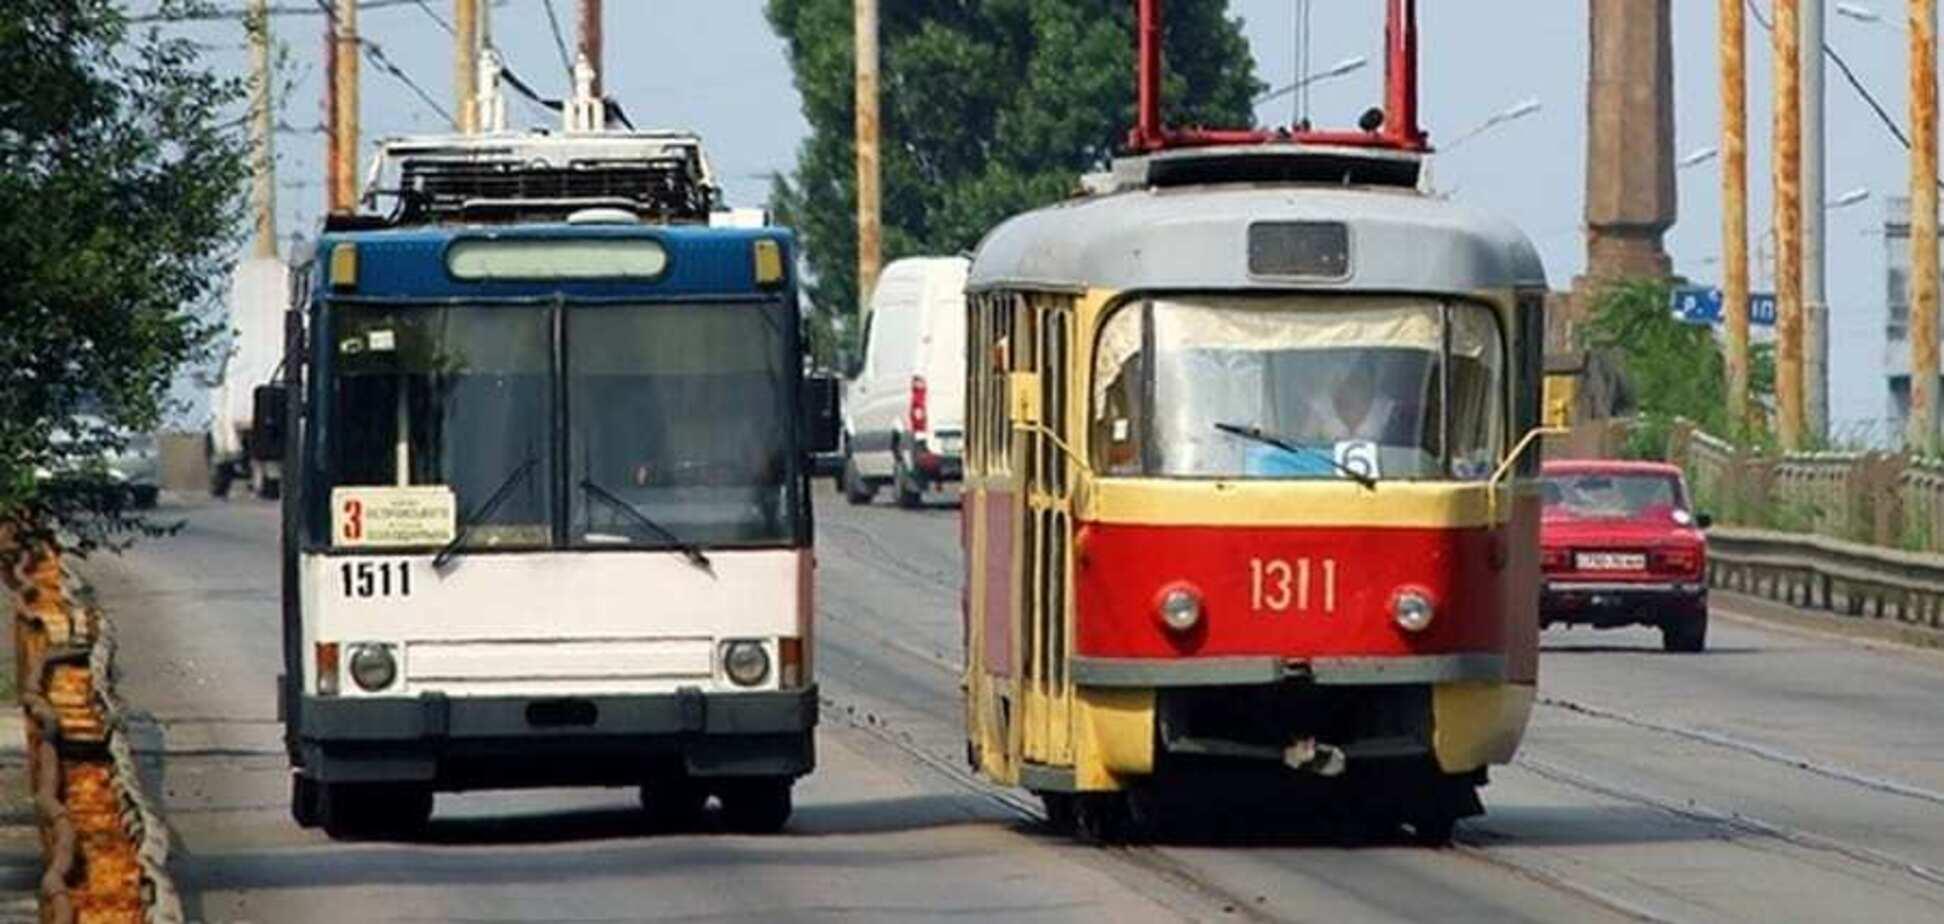 У Дніпрі подорожчає проїзд в електротранспорті: коли і наскільки